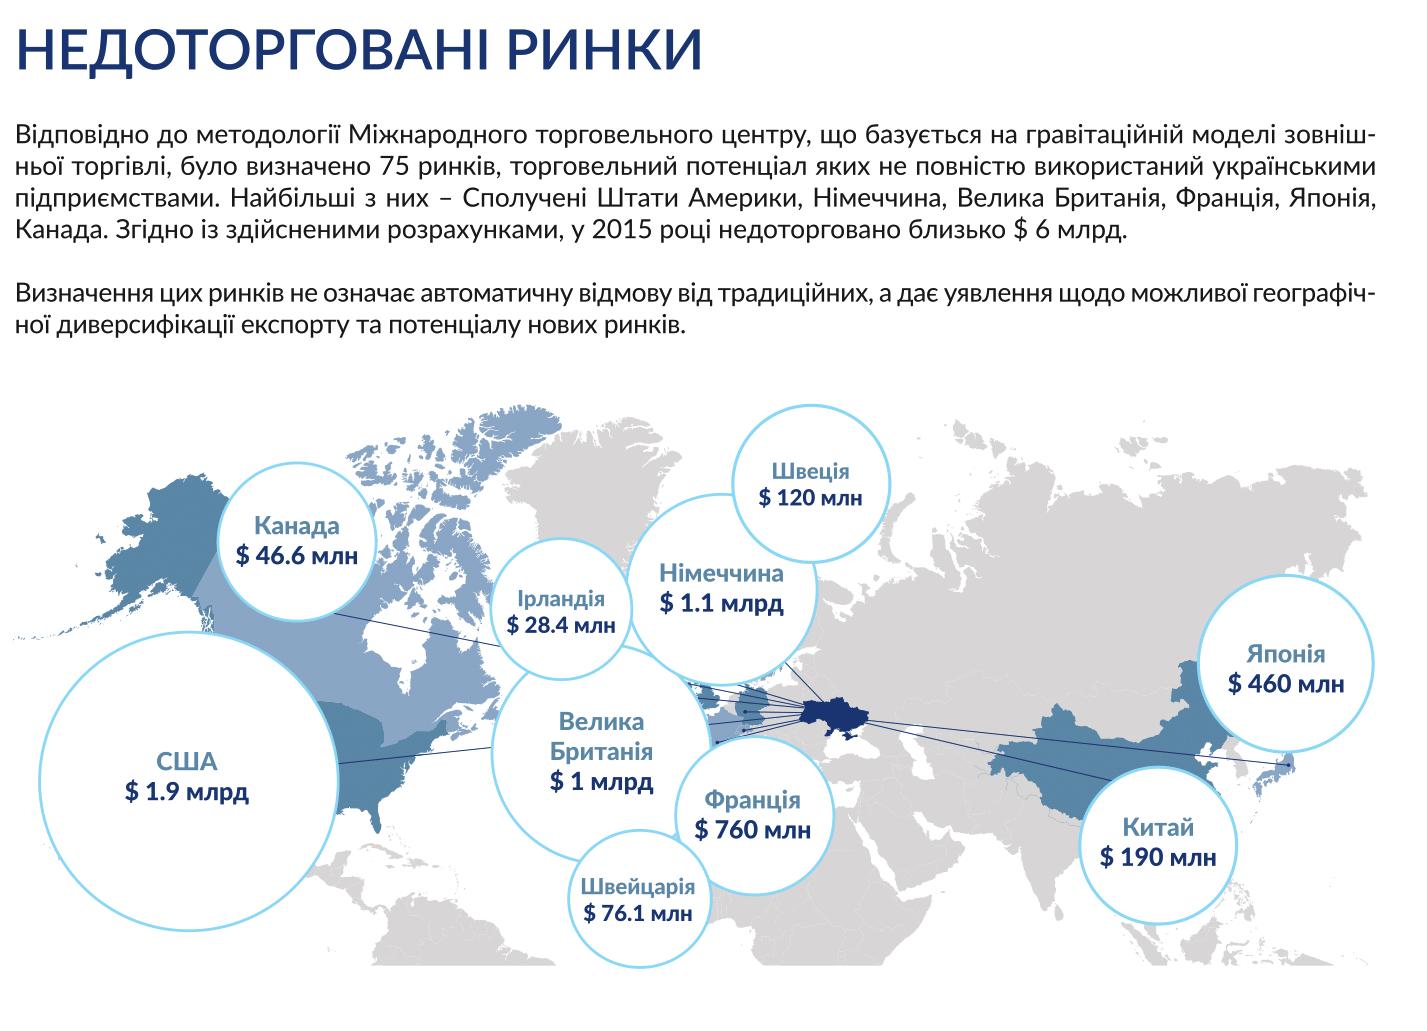 ... на яку Україна здатна запропонувати конкурентну ціну. Понад те 2d2d5d0029207